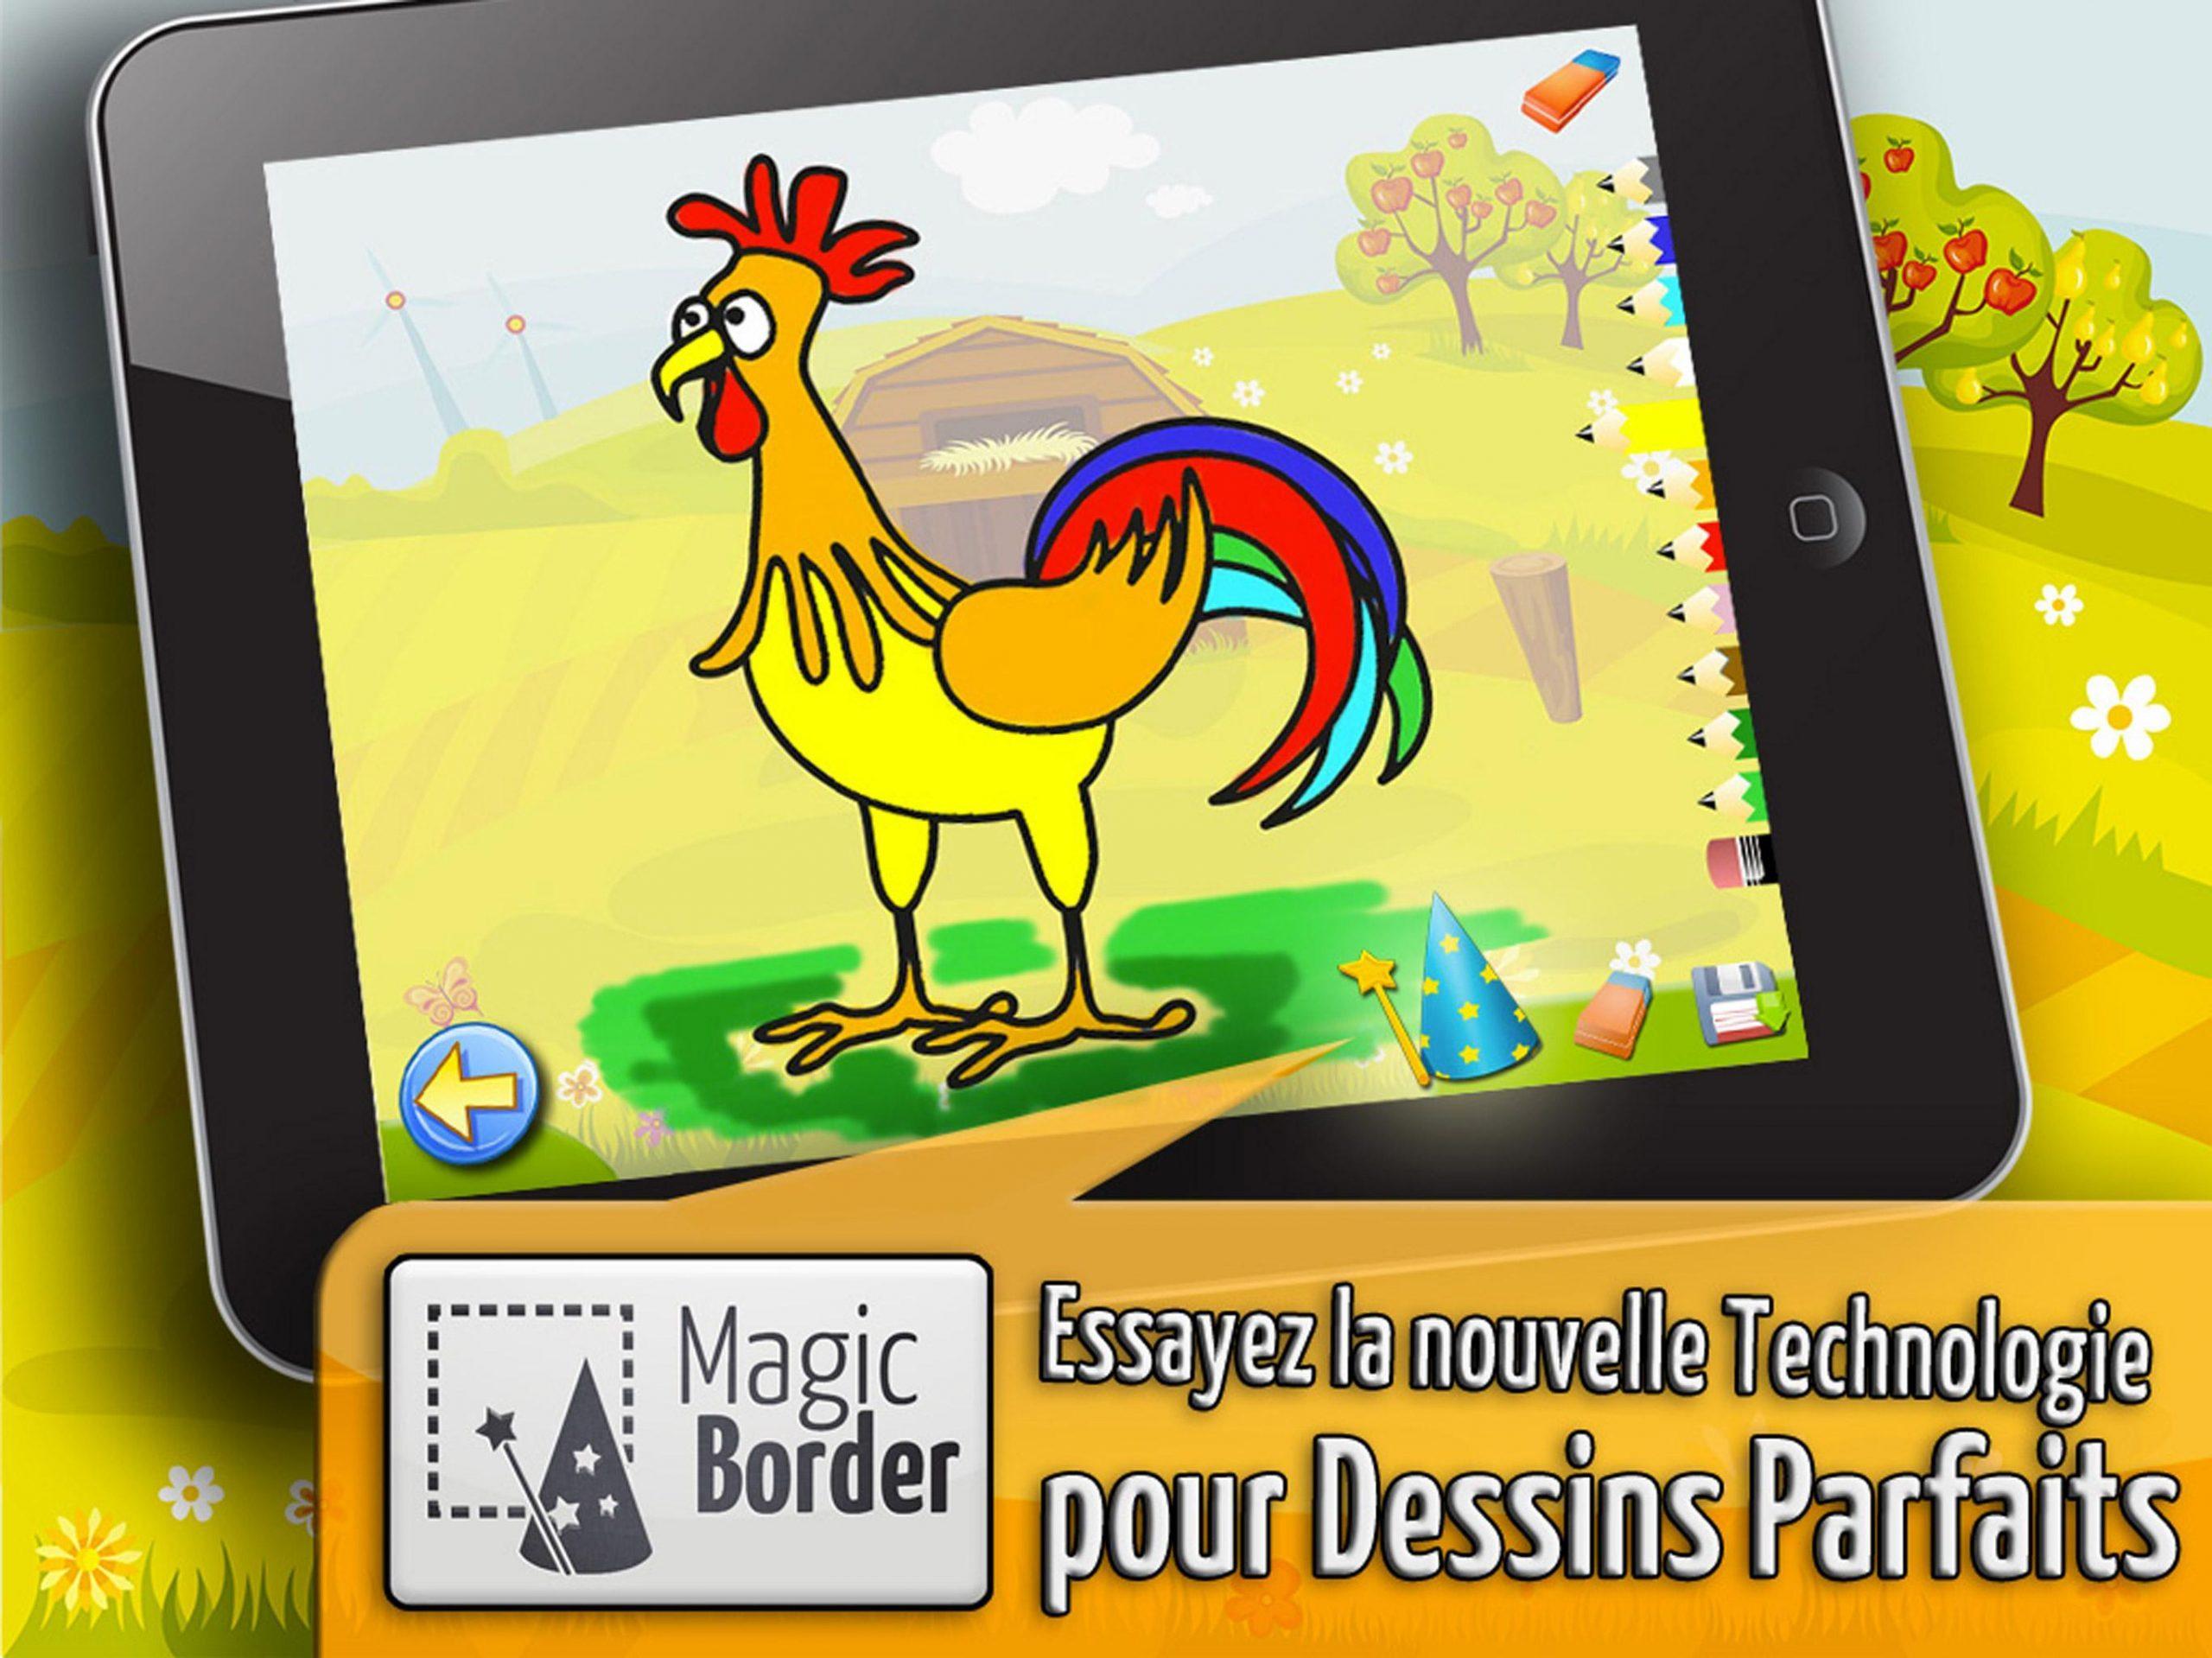 Jeux Enfant 3 Ans Gratuit - Greatestcoloringbook à Jeux 3 Ans En Ligne Gratuit